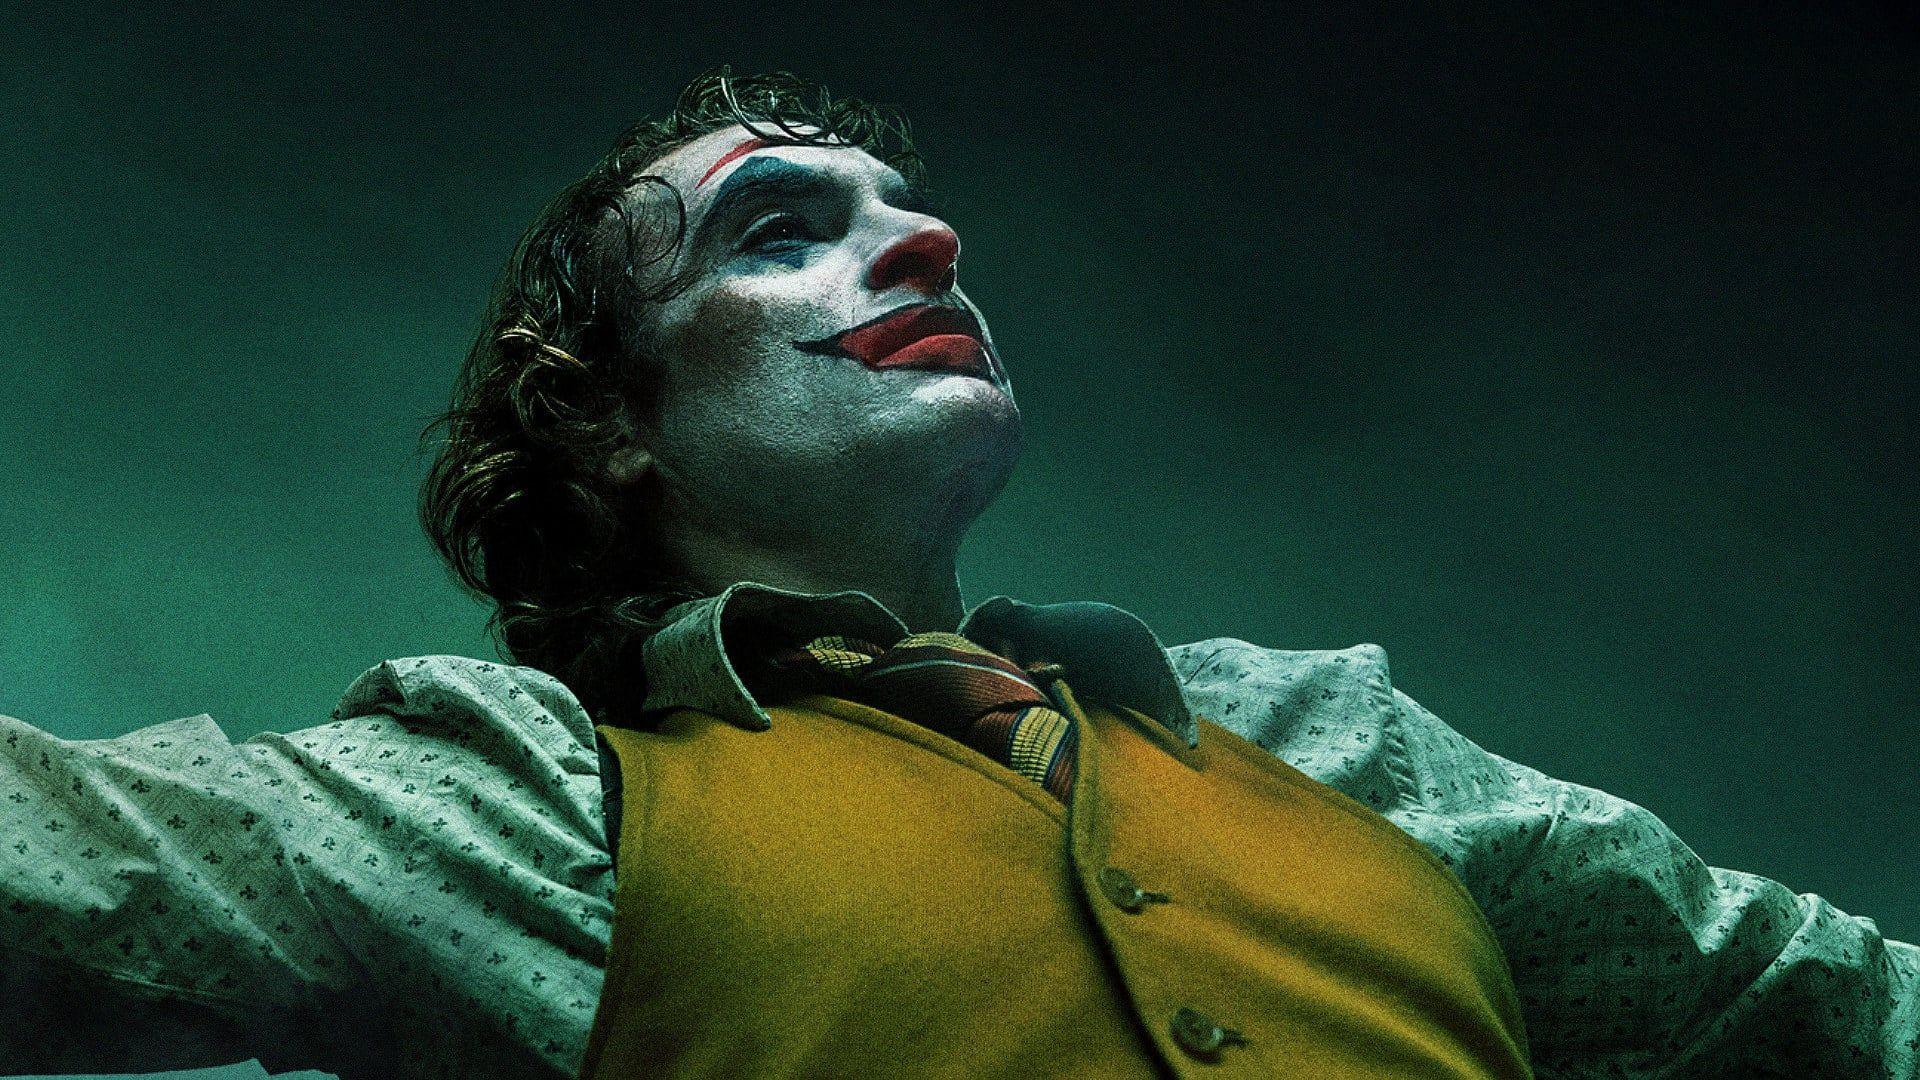 Vamos Con Otra Ronda De Esta Temporada De Premios Que Acaba De Empezar Con Un Clasico Y Es Que La Lista Del American Film Joker El Guason Peliculas Completas